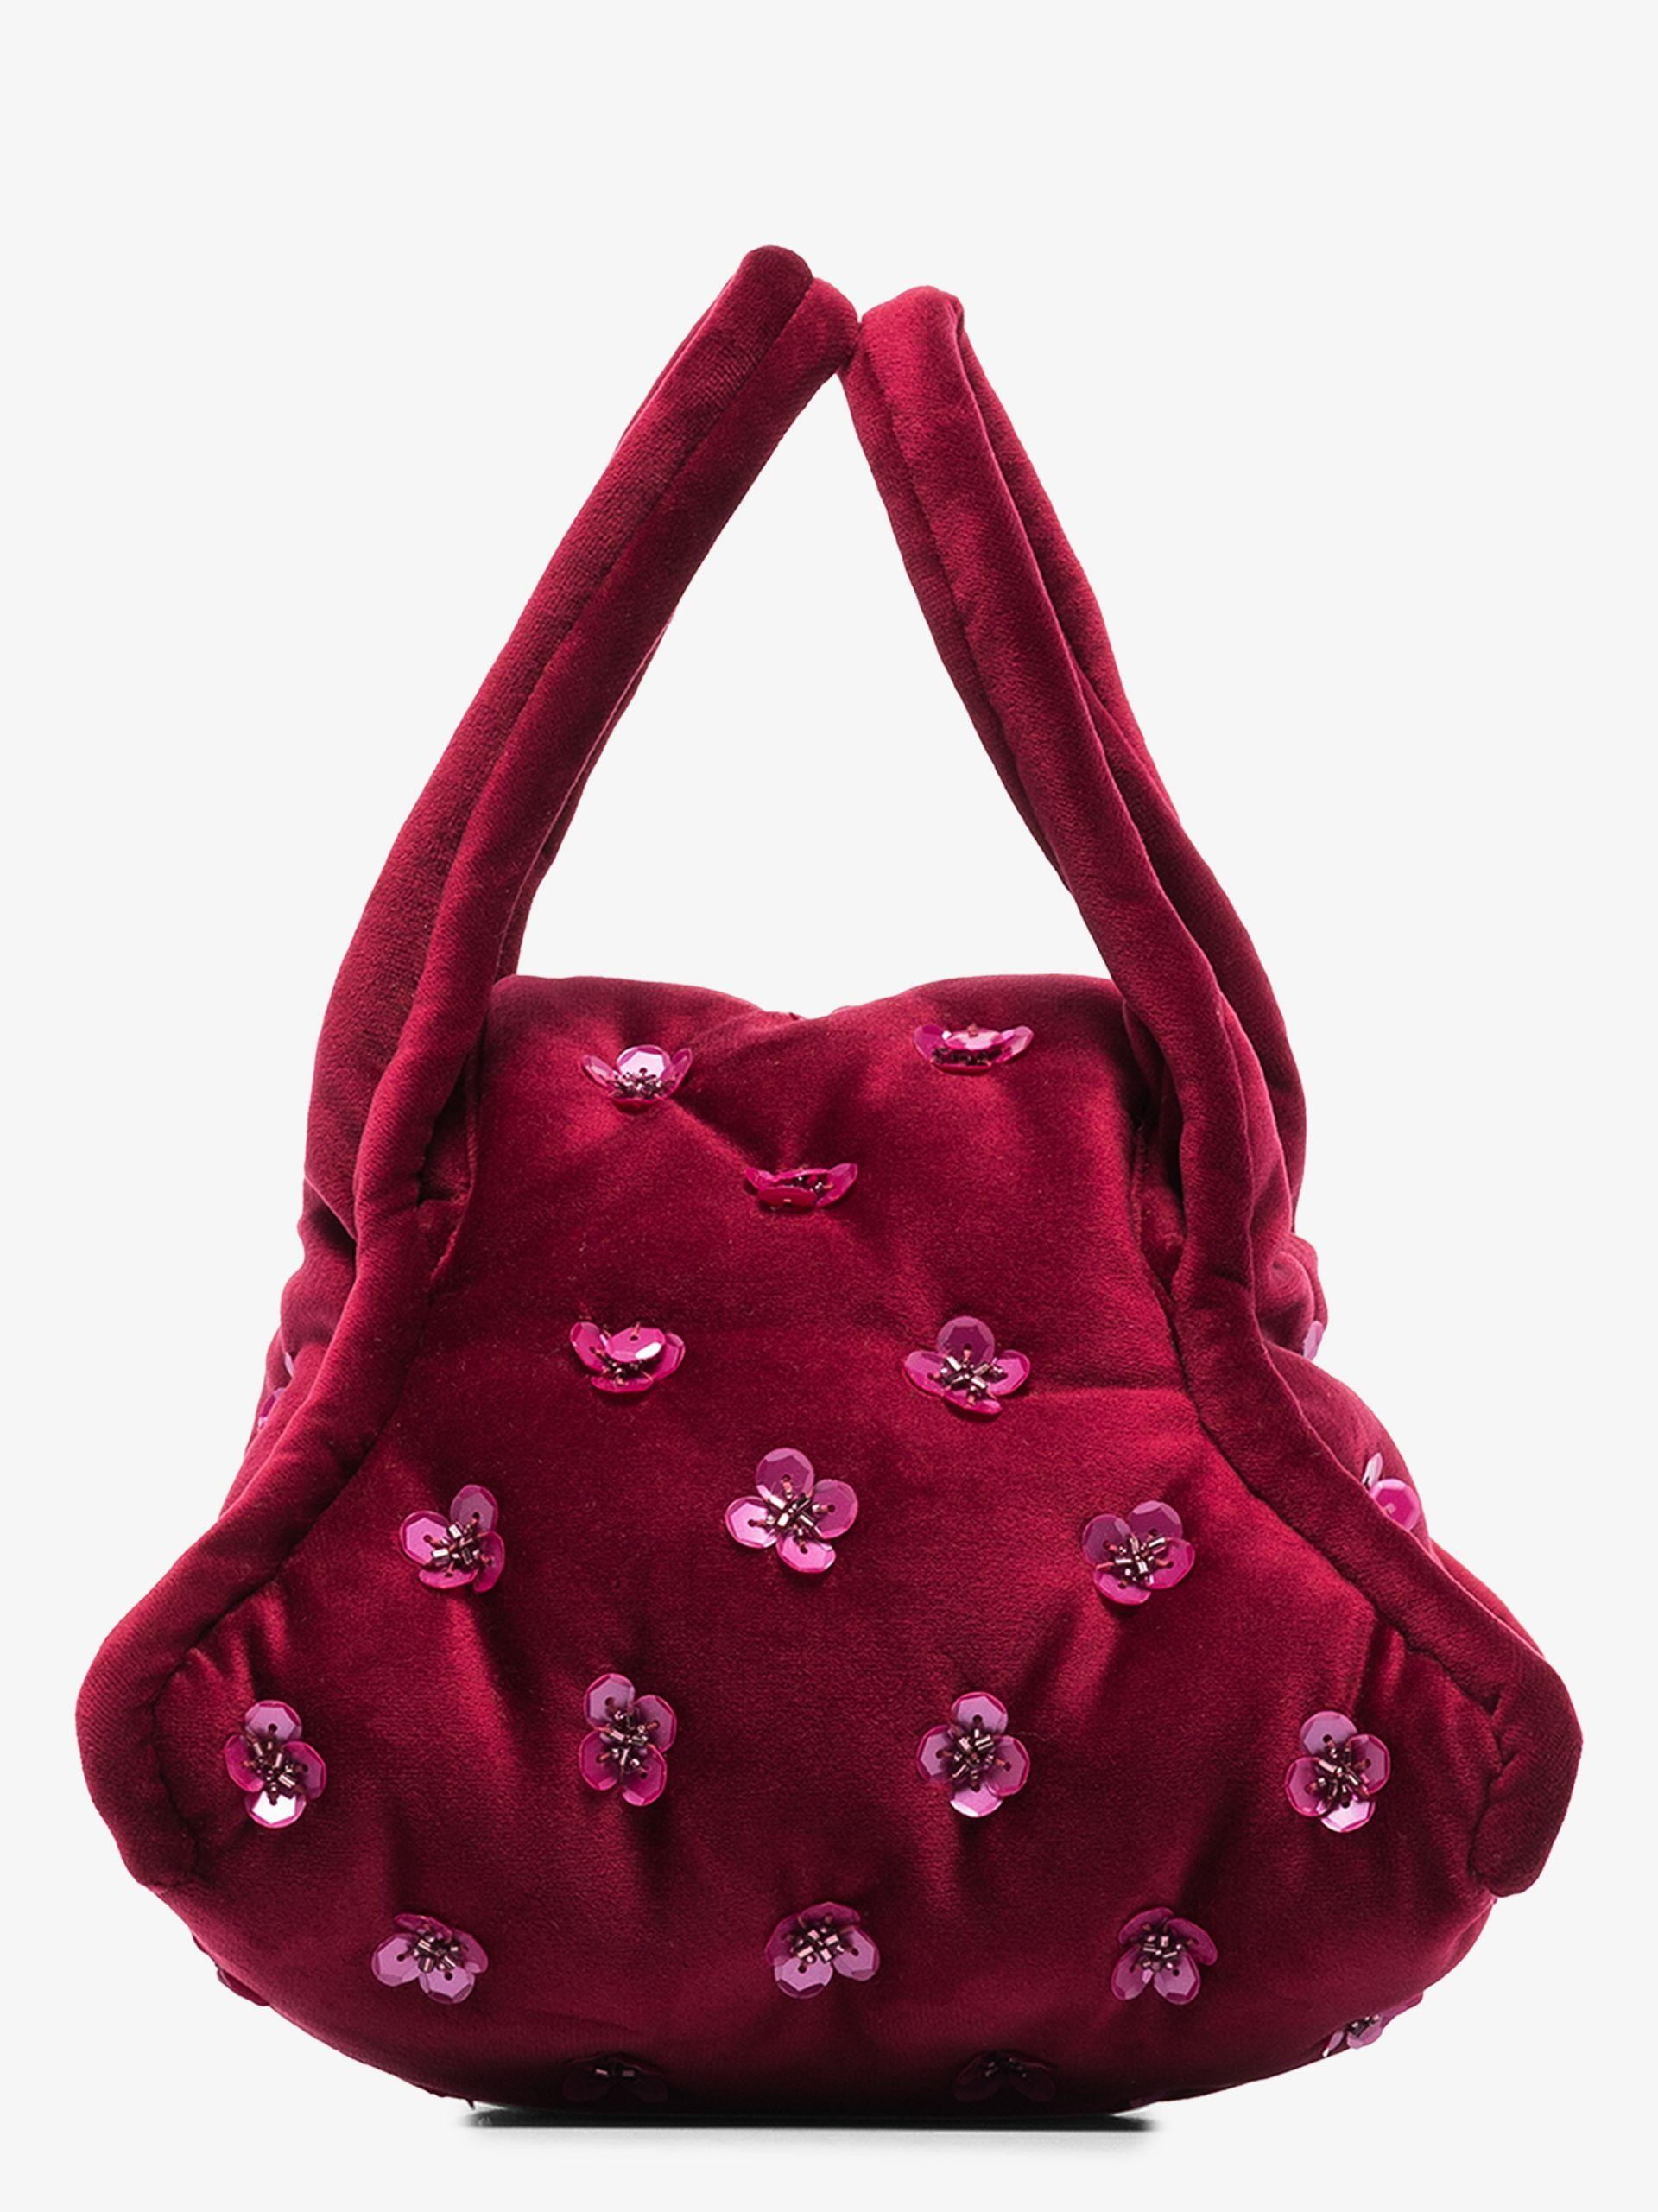 khaore-bolso-flores-terciopelo-rojo-vino